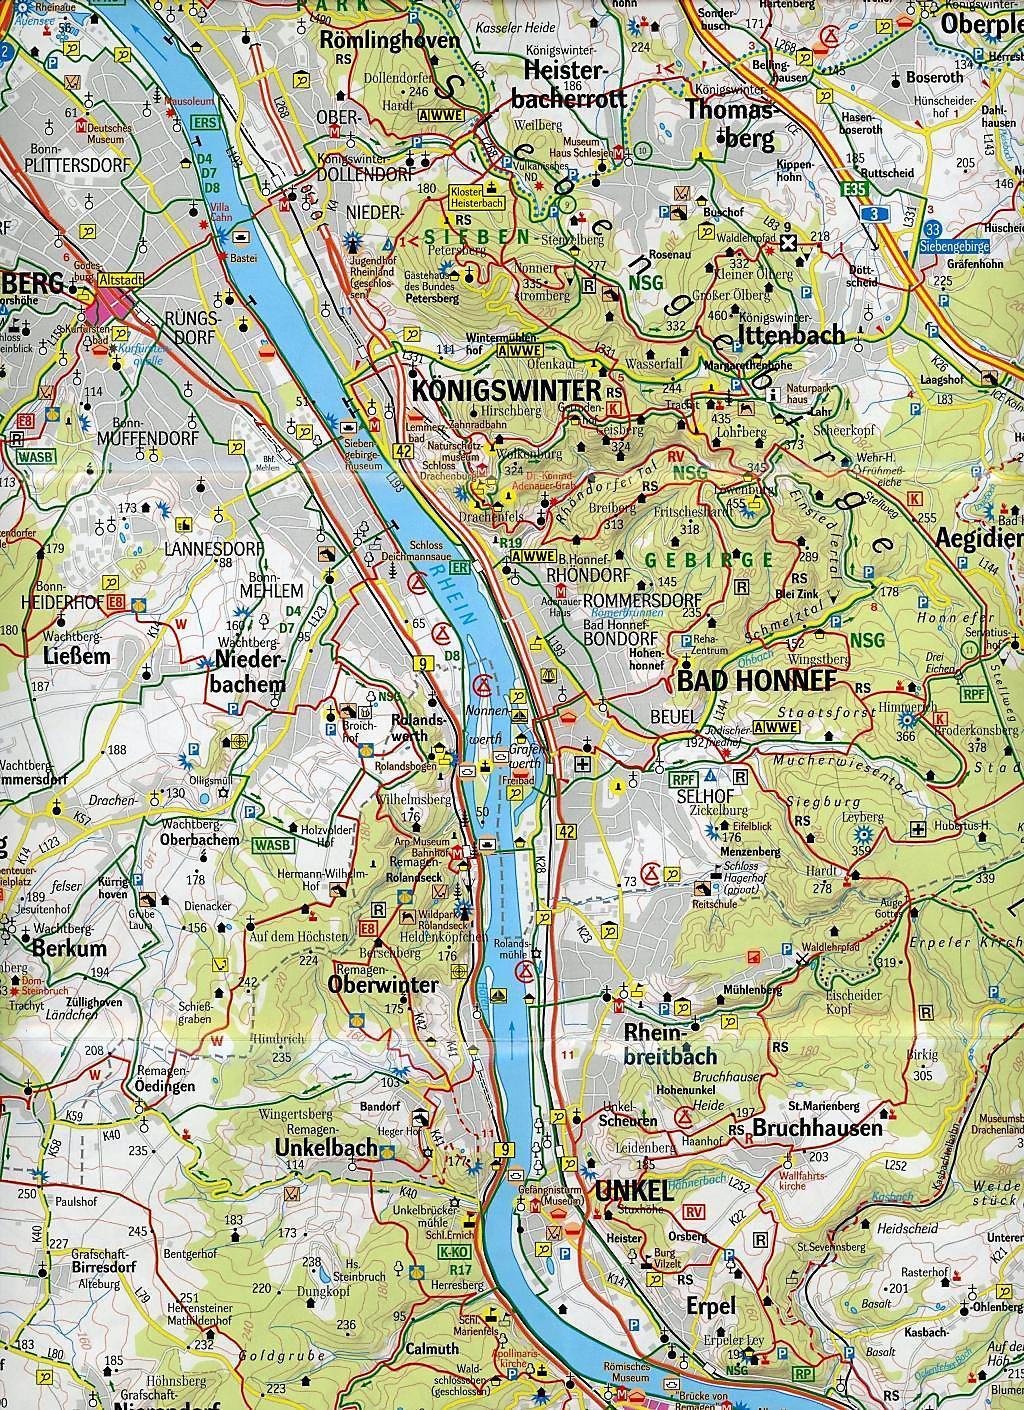 Bonn Karte.Geomap Karte Freizeitregion Köln Bonn Und Umgebung Buch Kaufen